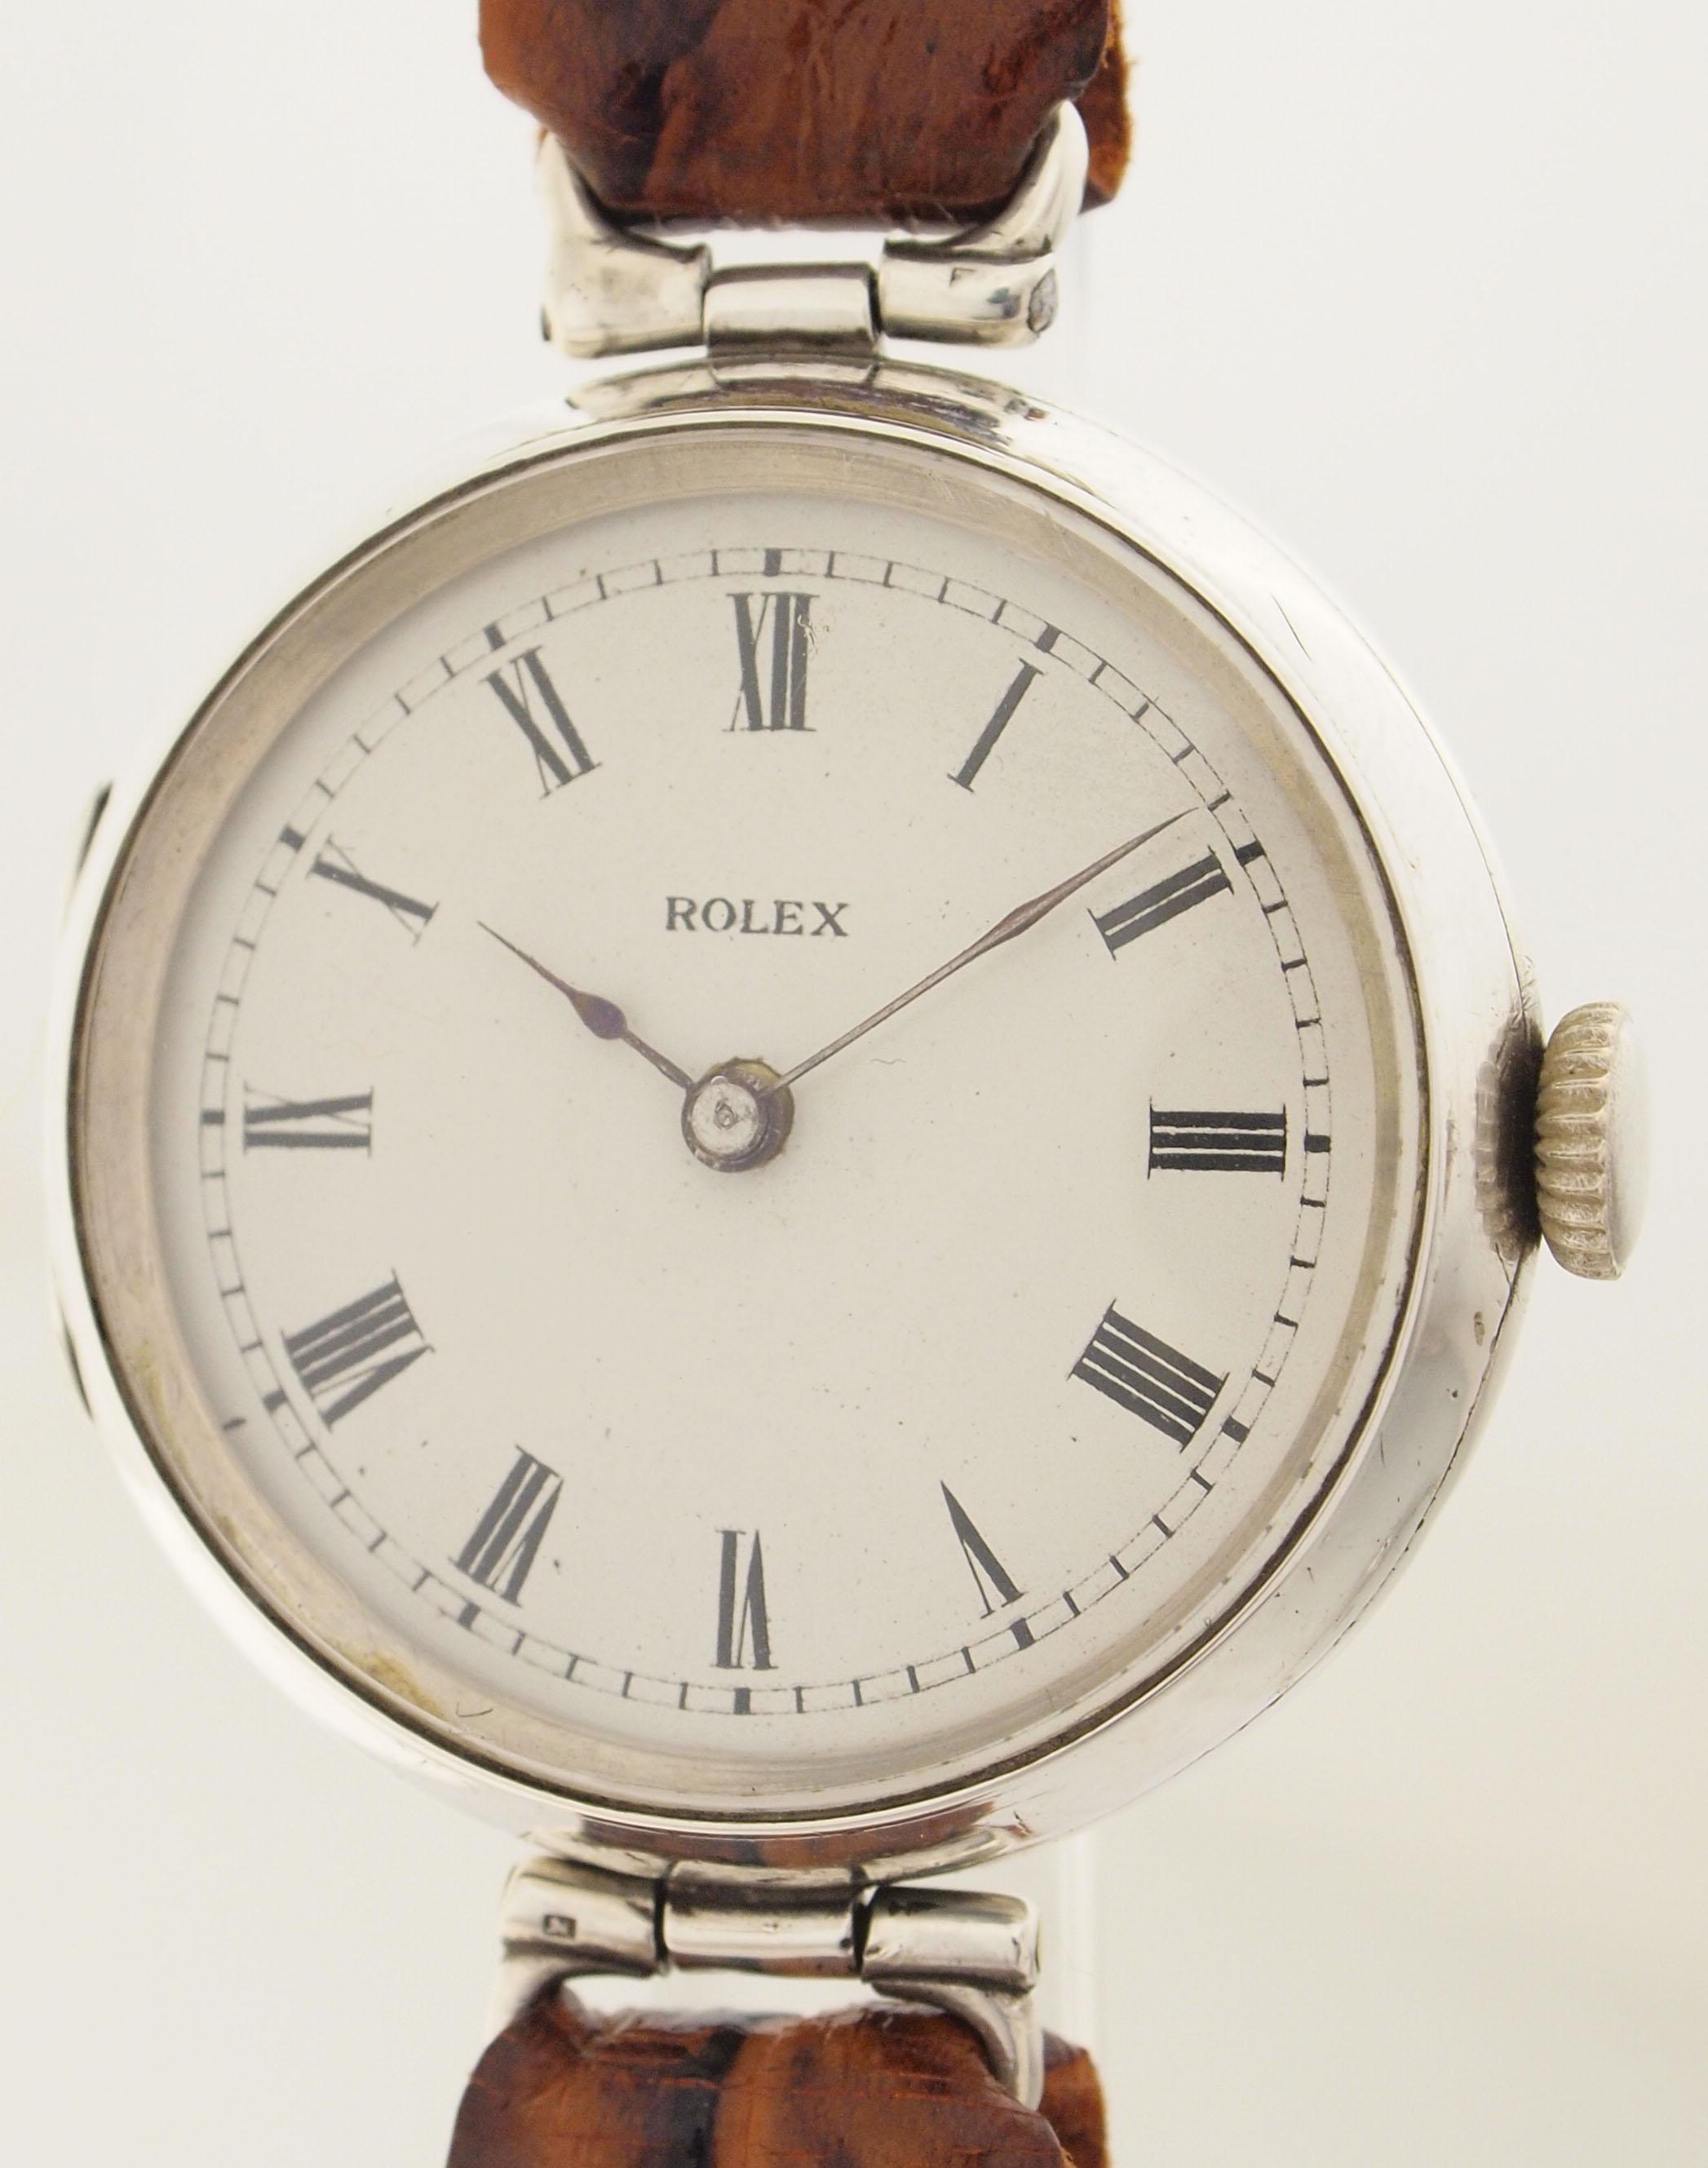 rolex eine der ersten armband uhren wilsdorf london um 1919 925er silber. Black Bedroom Furniture Sets. Home Design Ideas